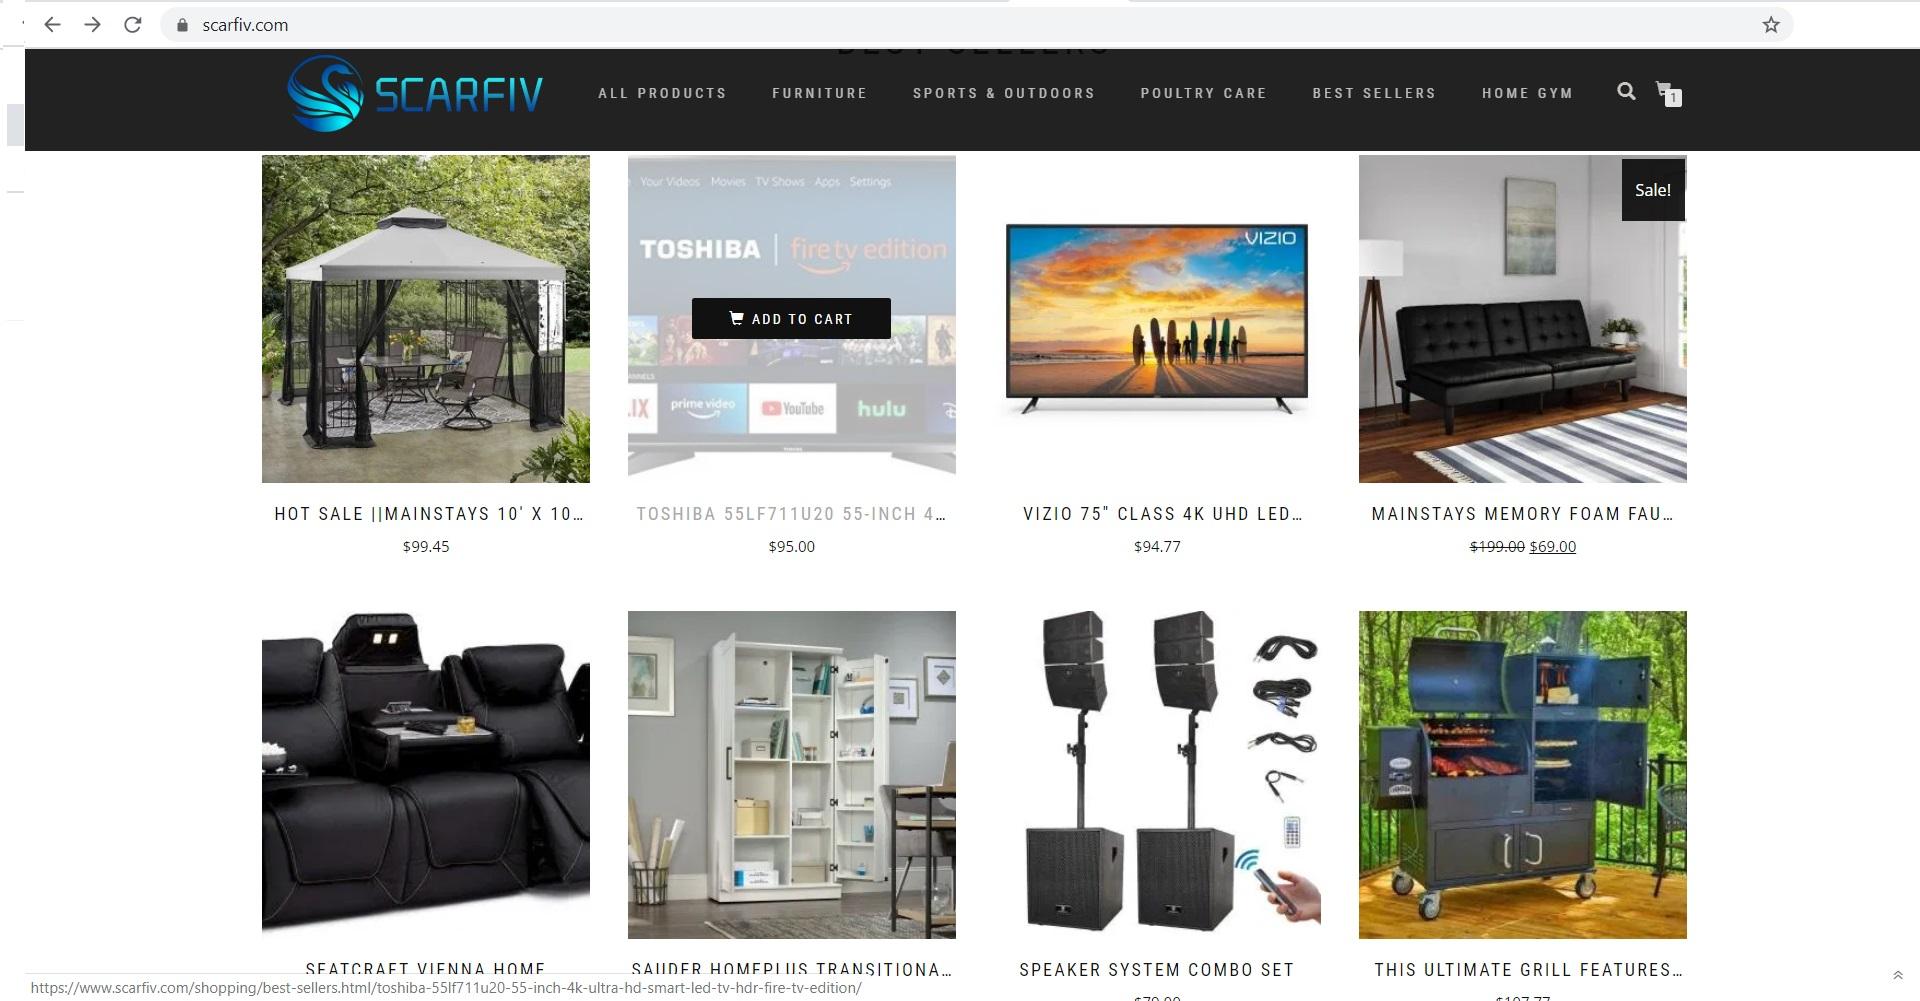 scarfiv.com